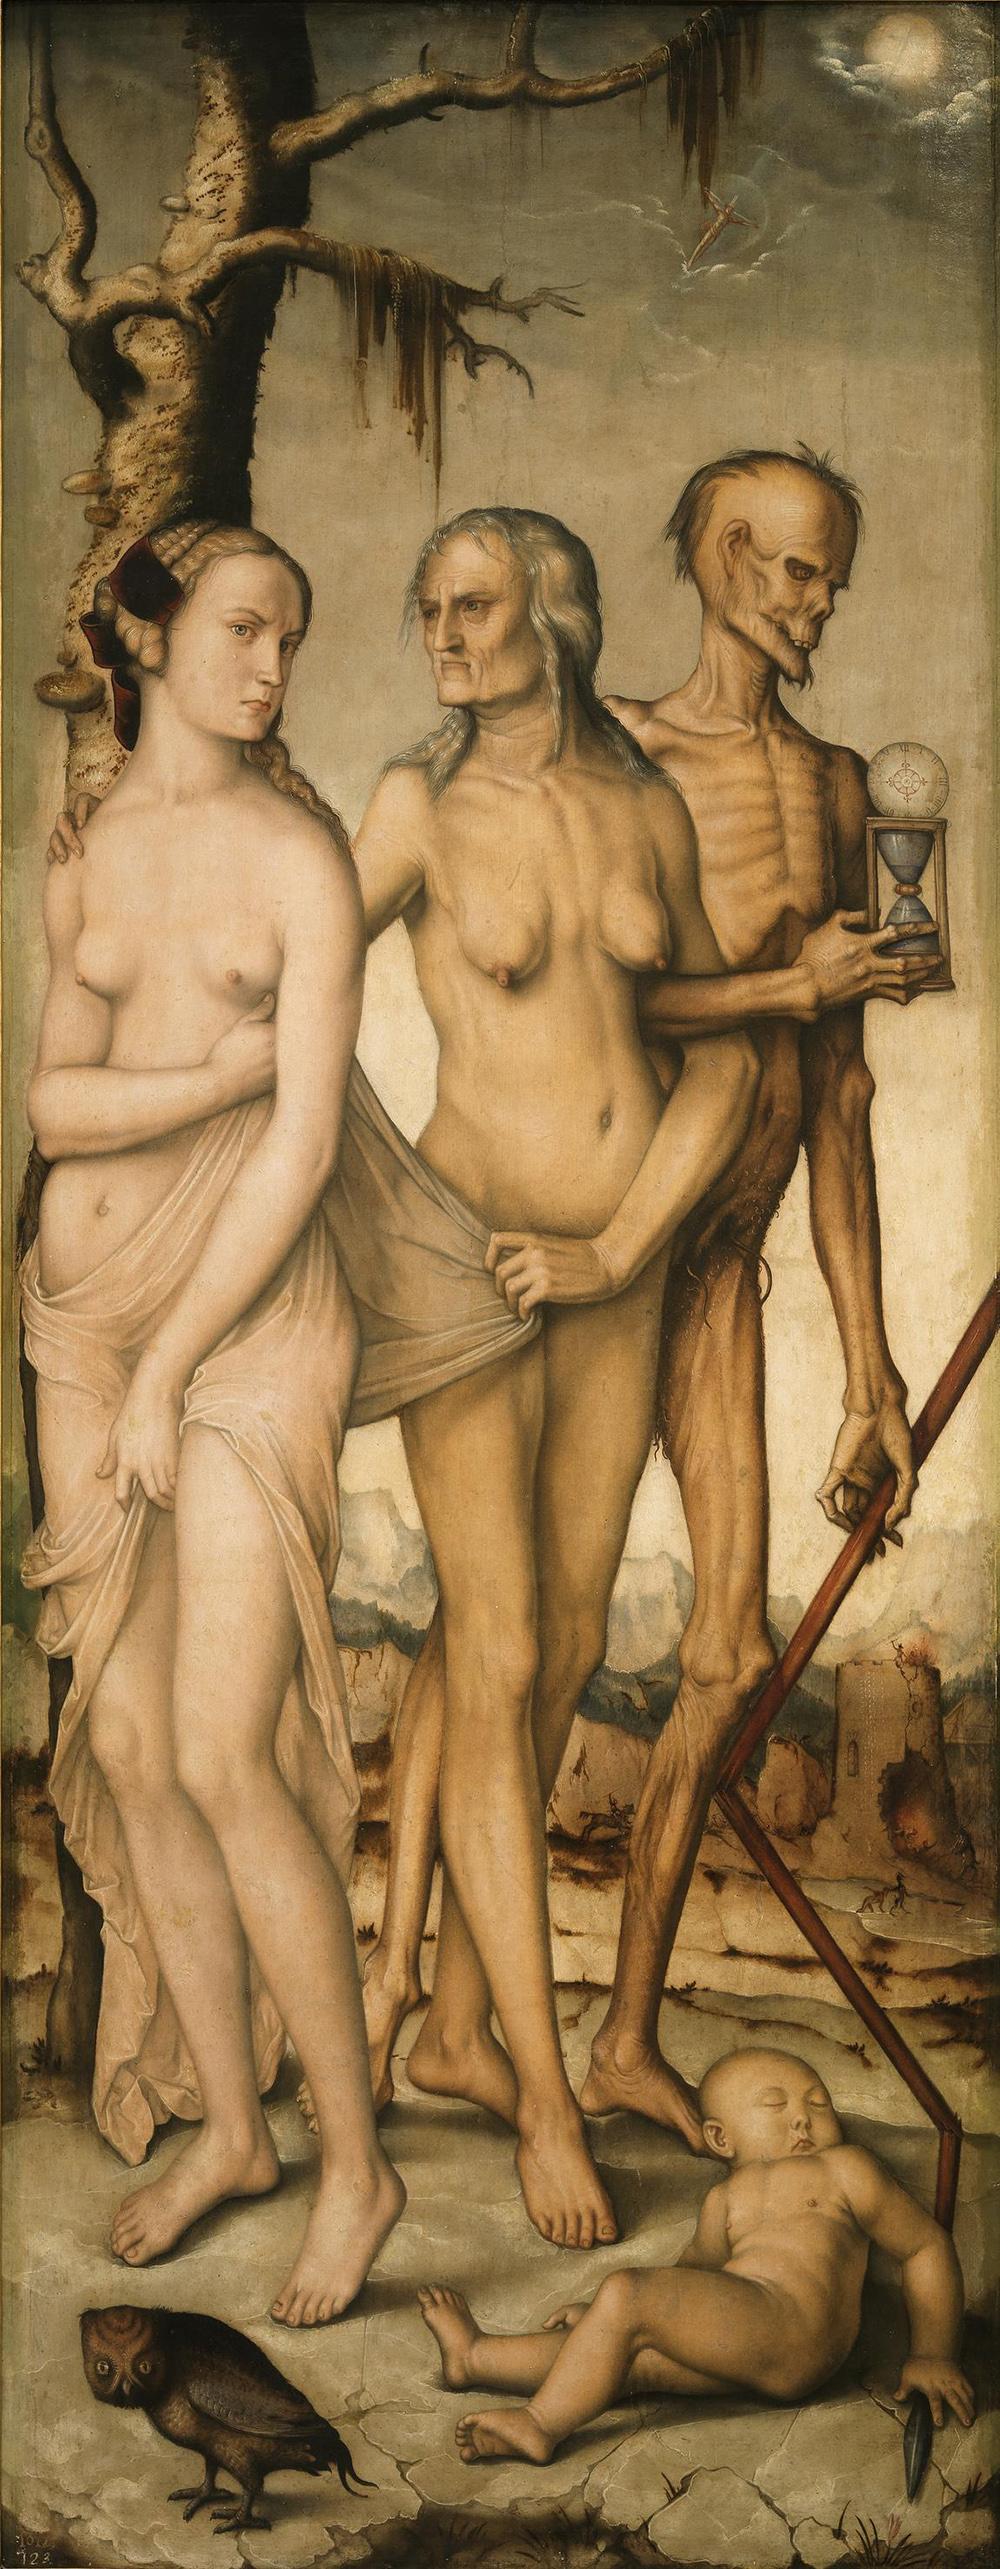 Una visita detallada al Museo del Prado 10 - Be There Before